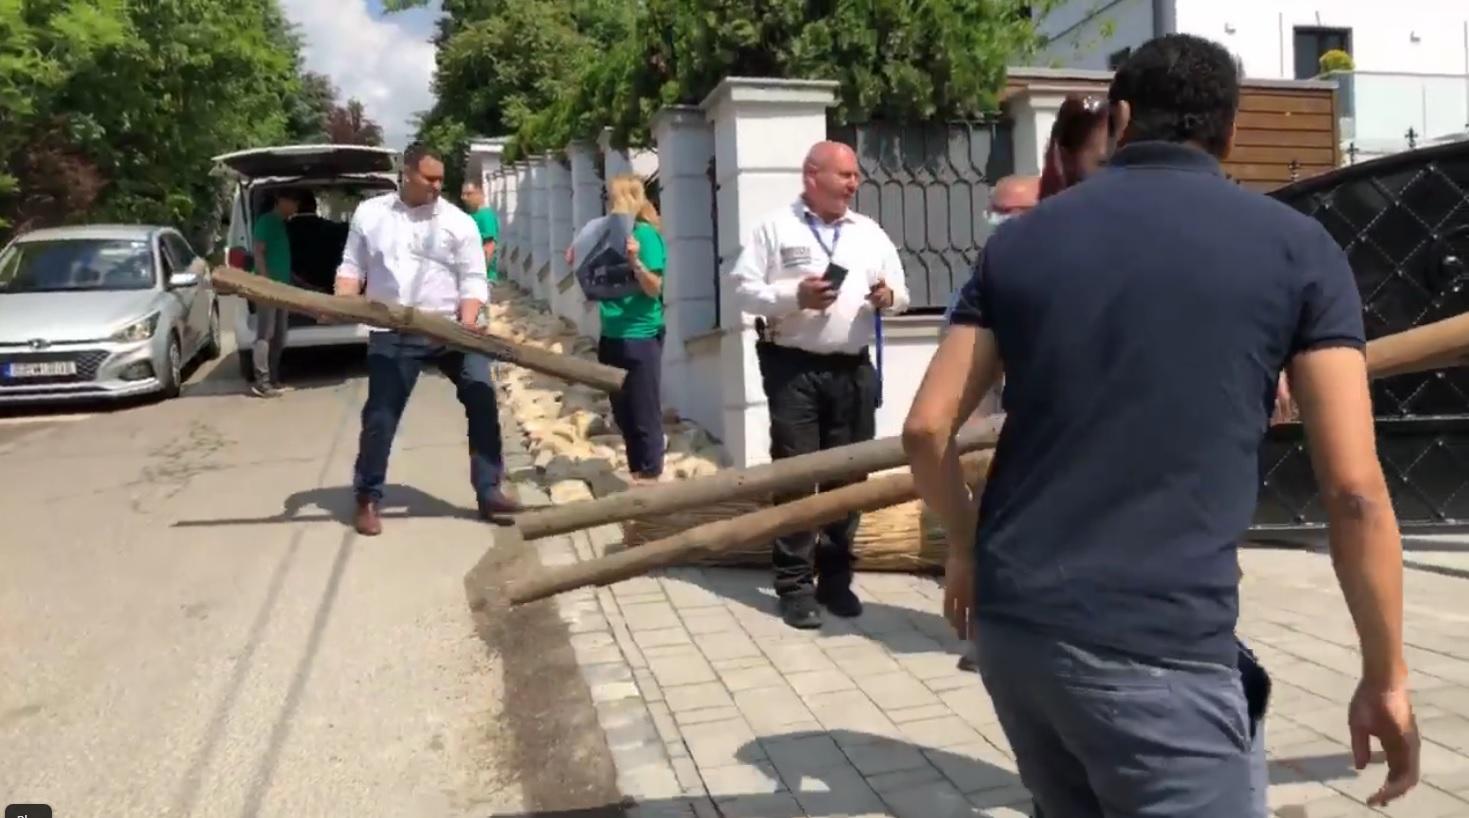 Cölöpöket és nádat dobáltak Mészáros Lőrinc villája elé a Fertő tavi természetrombolás miatt